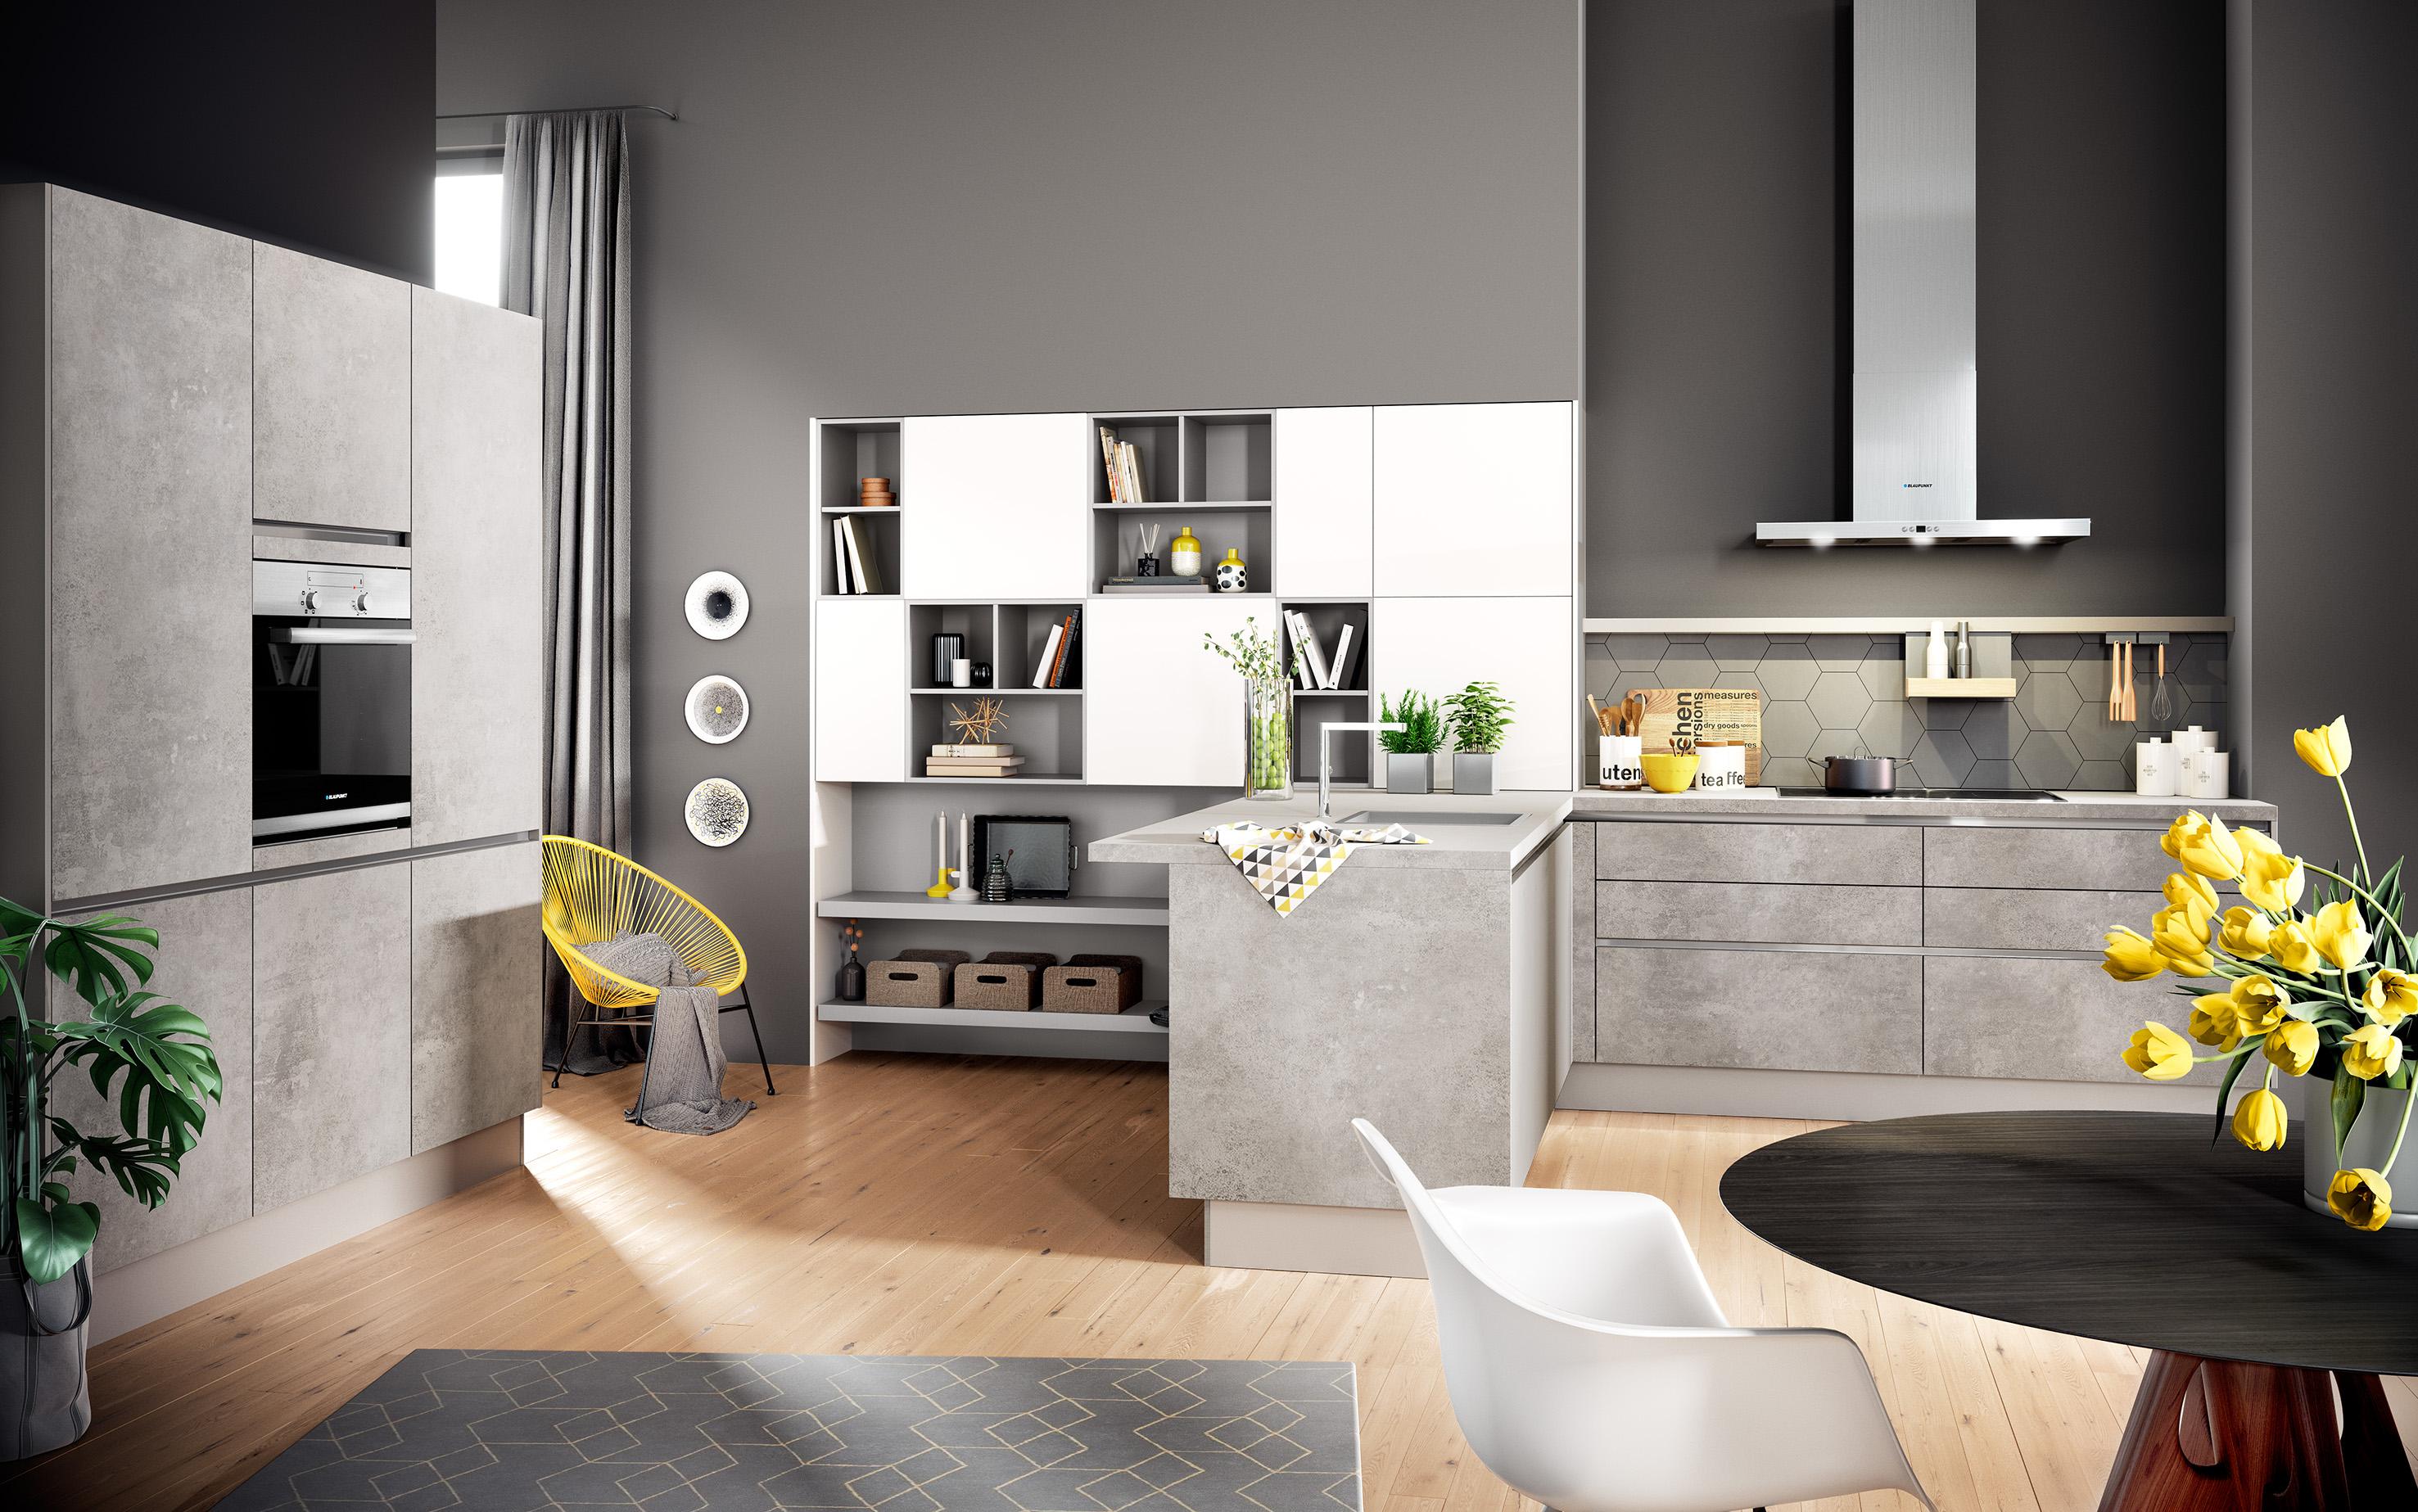 Küchentrends 2018 Kreative Designideen Für Die Küche Kücheco